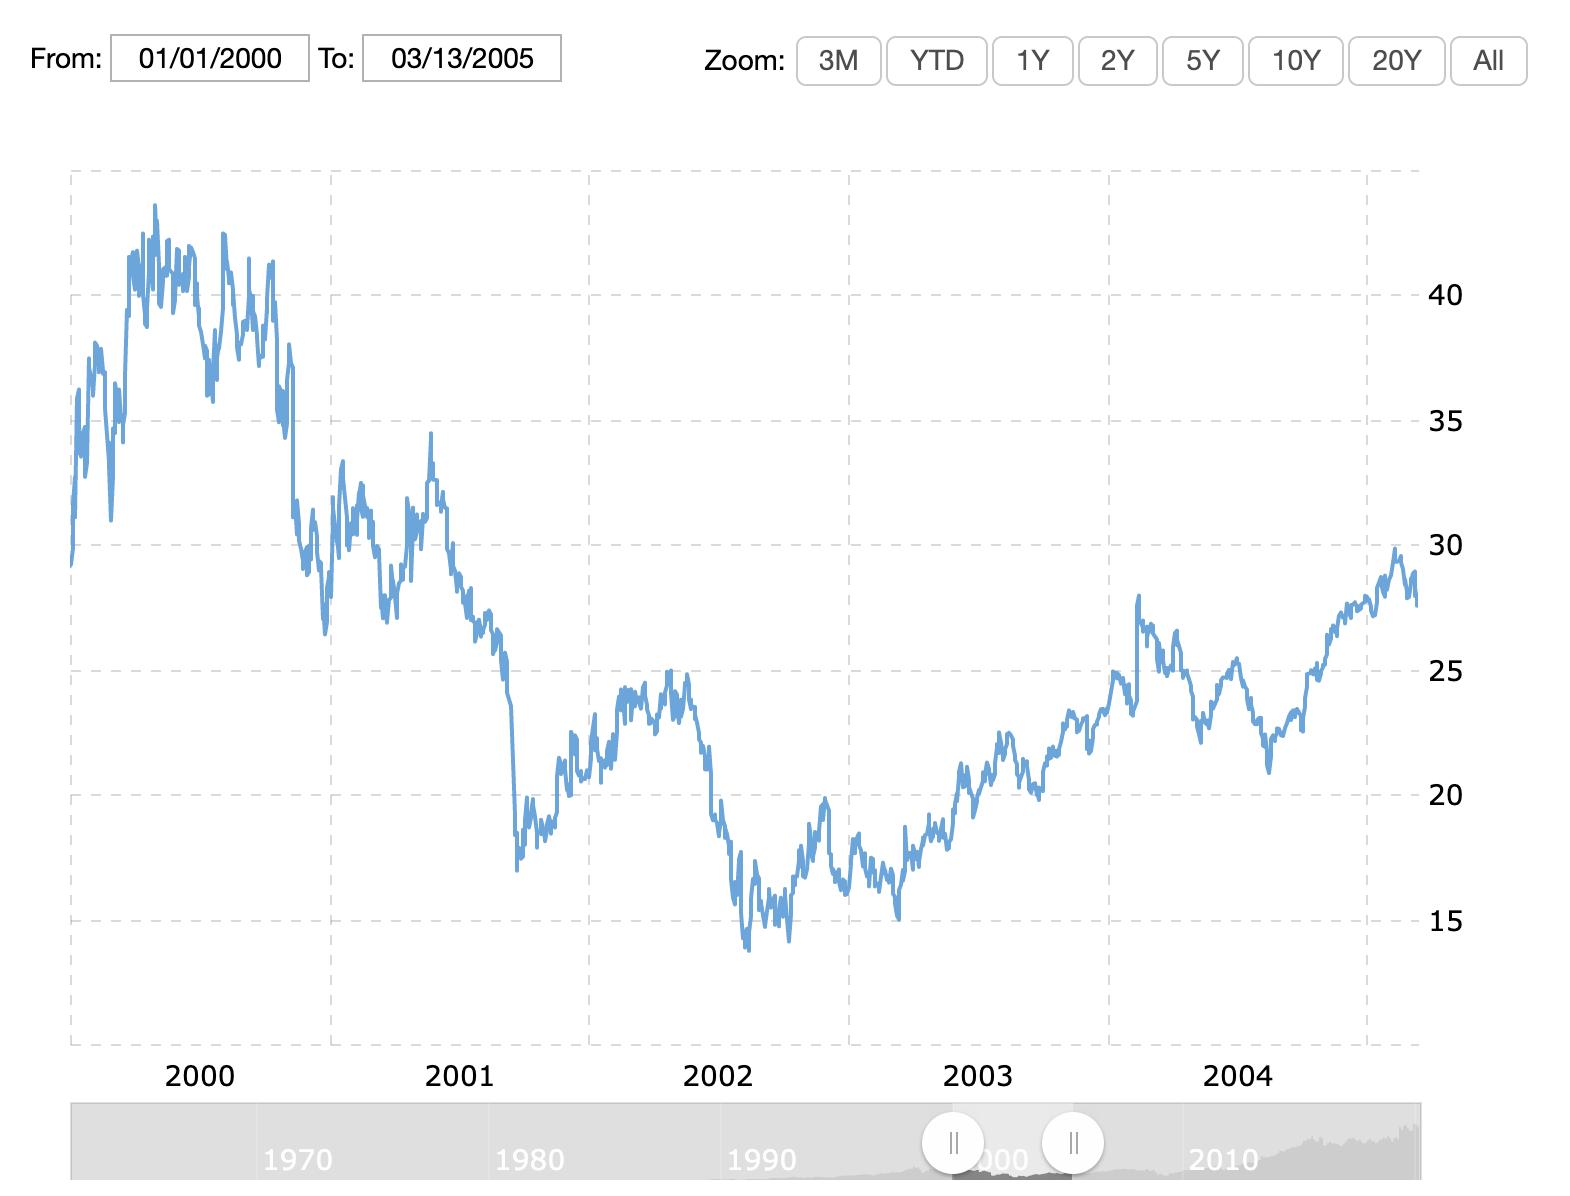 디즈니 주식 변동 2000~2005. 디즈니의 퇴화하고 있는 분위기에 맞춰 주가도 쭉쭉 내려갔다.